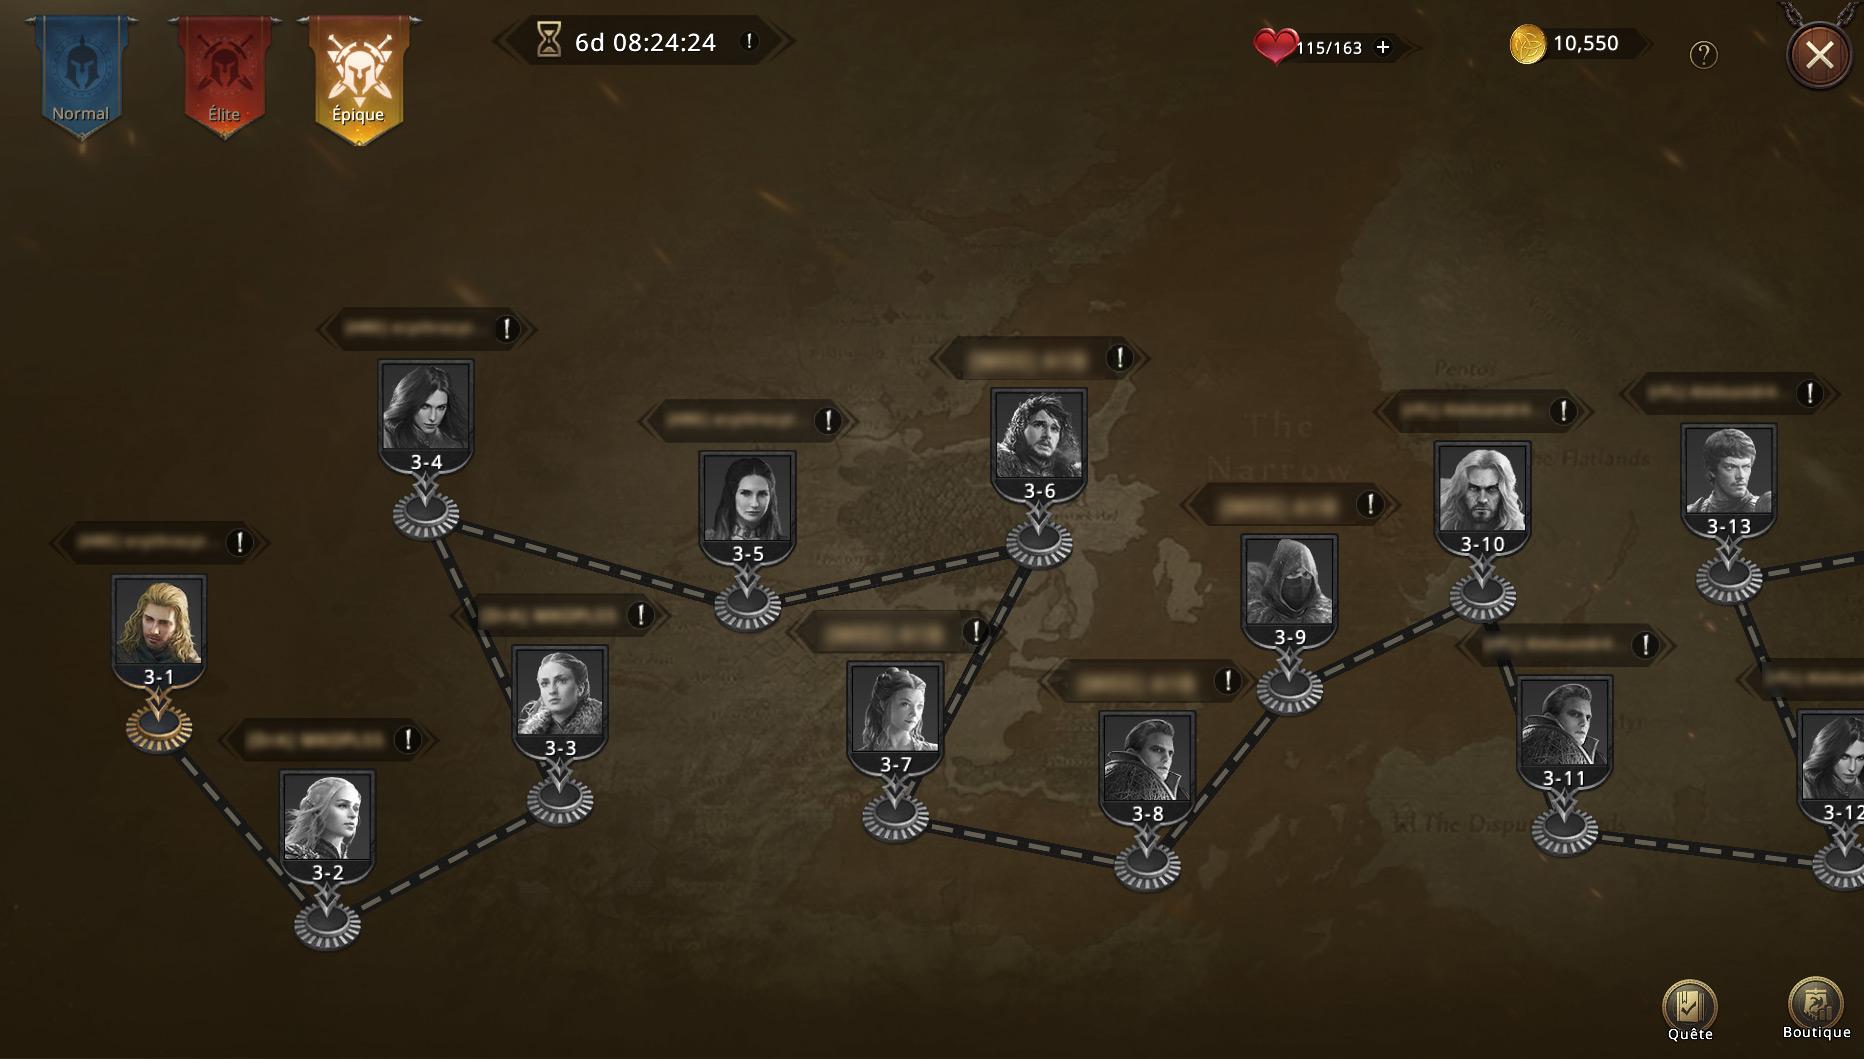 Map du niveau épique